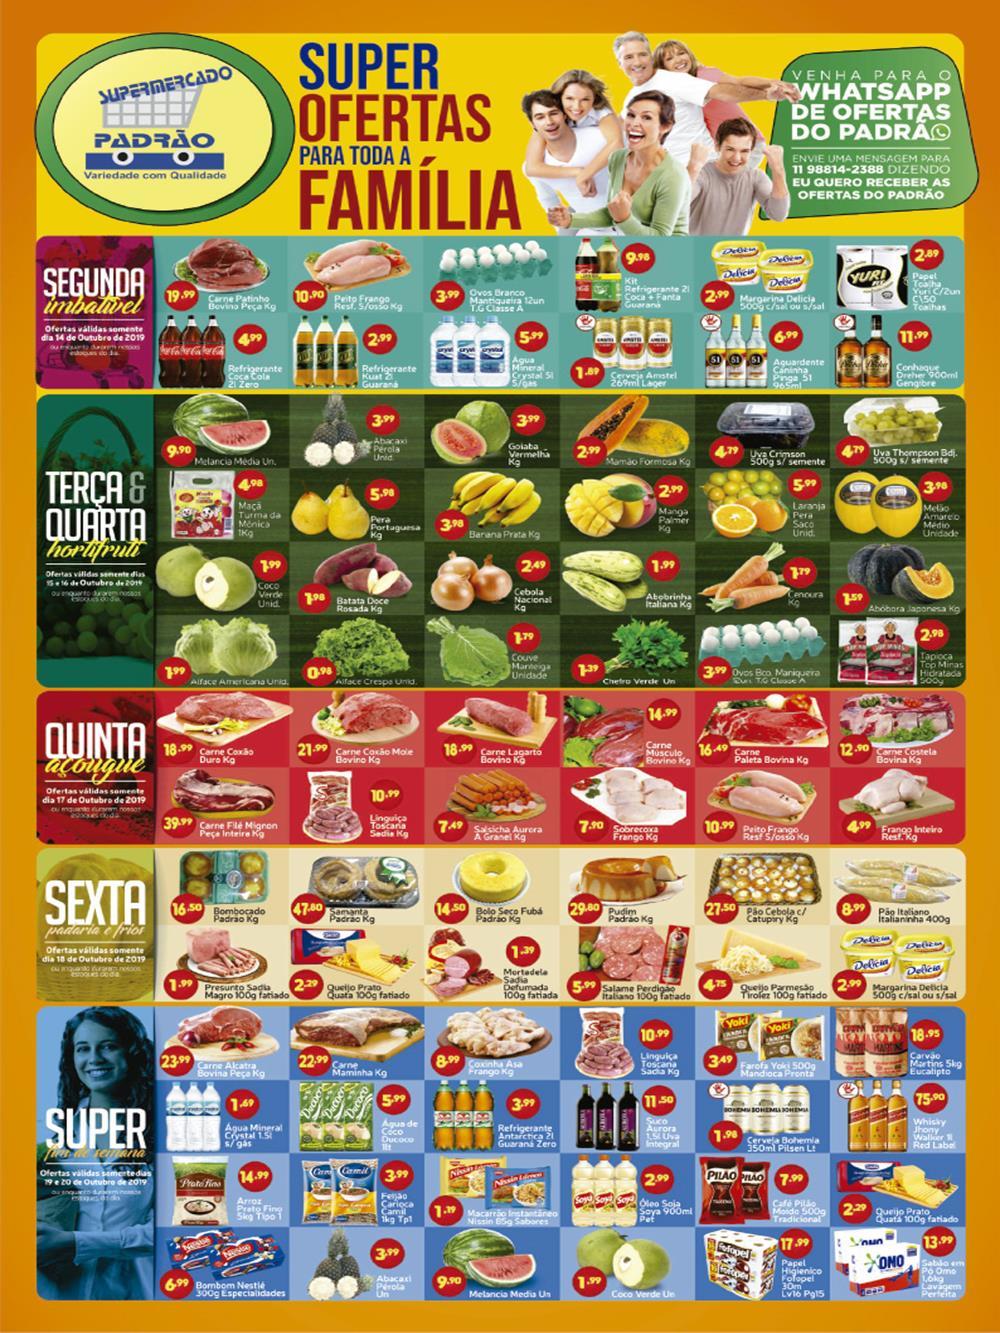 Padrao-Ofertas-Tabloide1 Ofertas de supermercados - Black Friday 2019